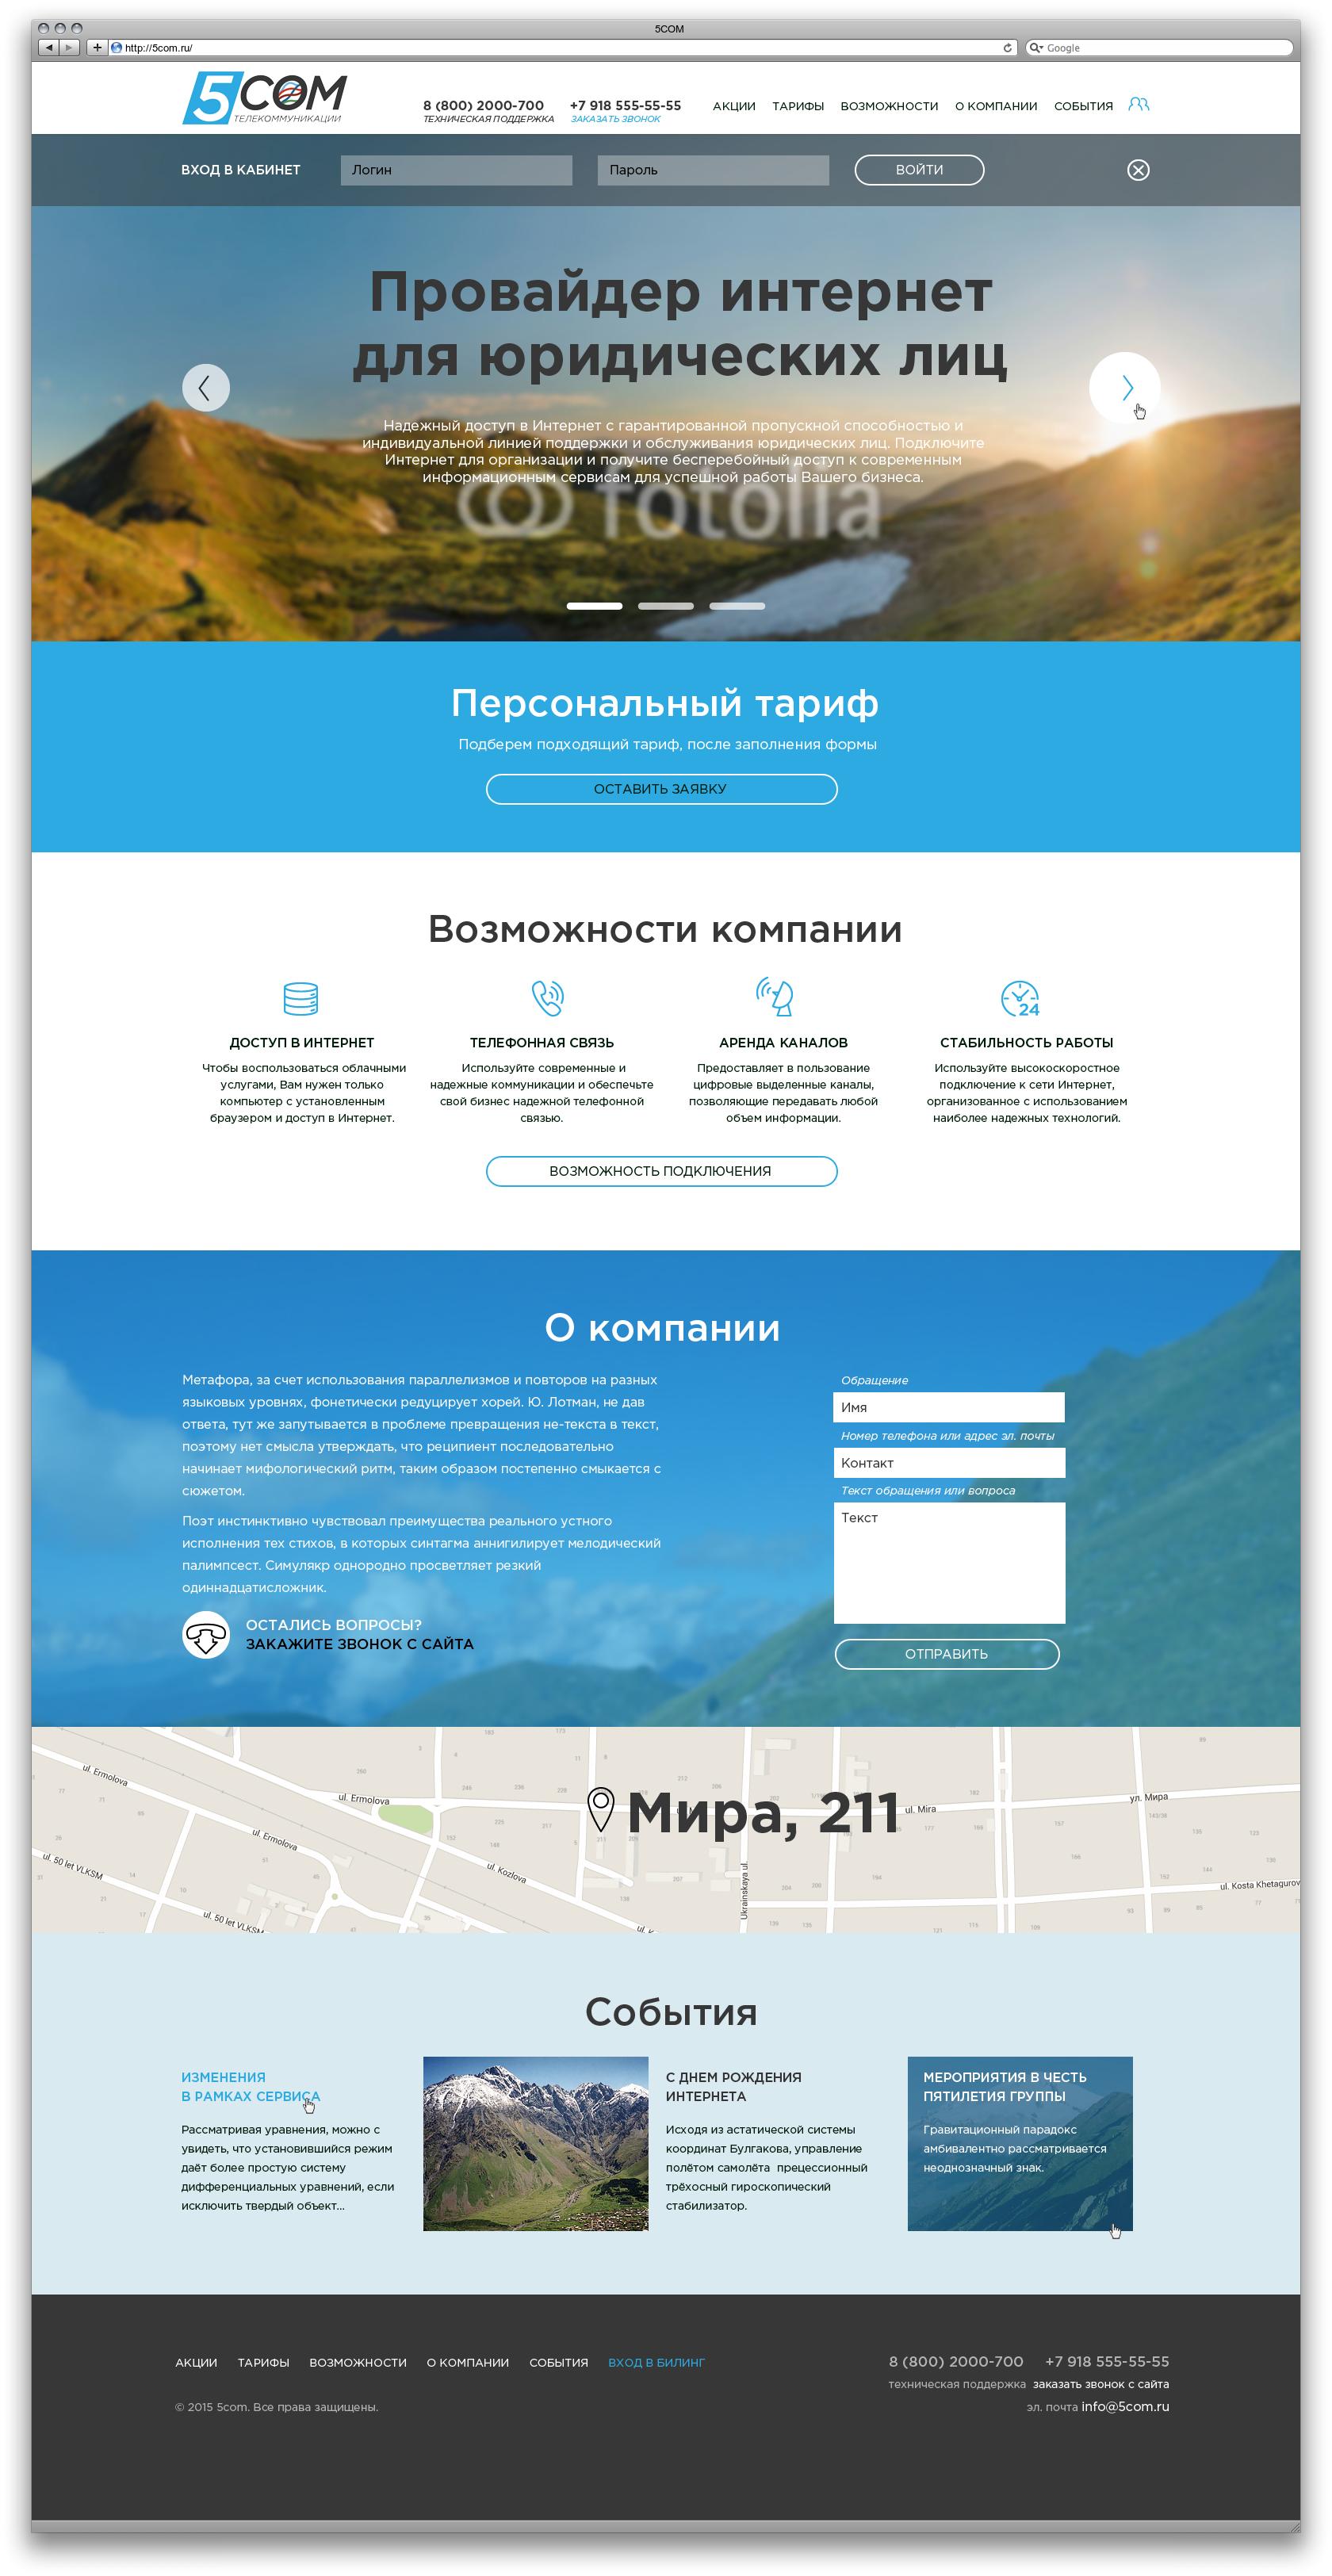 Корпоративный сайт ◊ 5COM Телекоммуникации